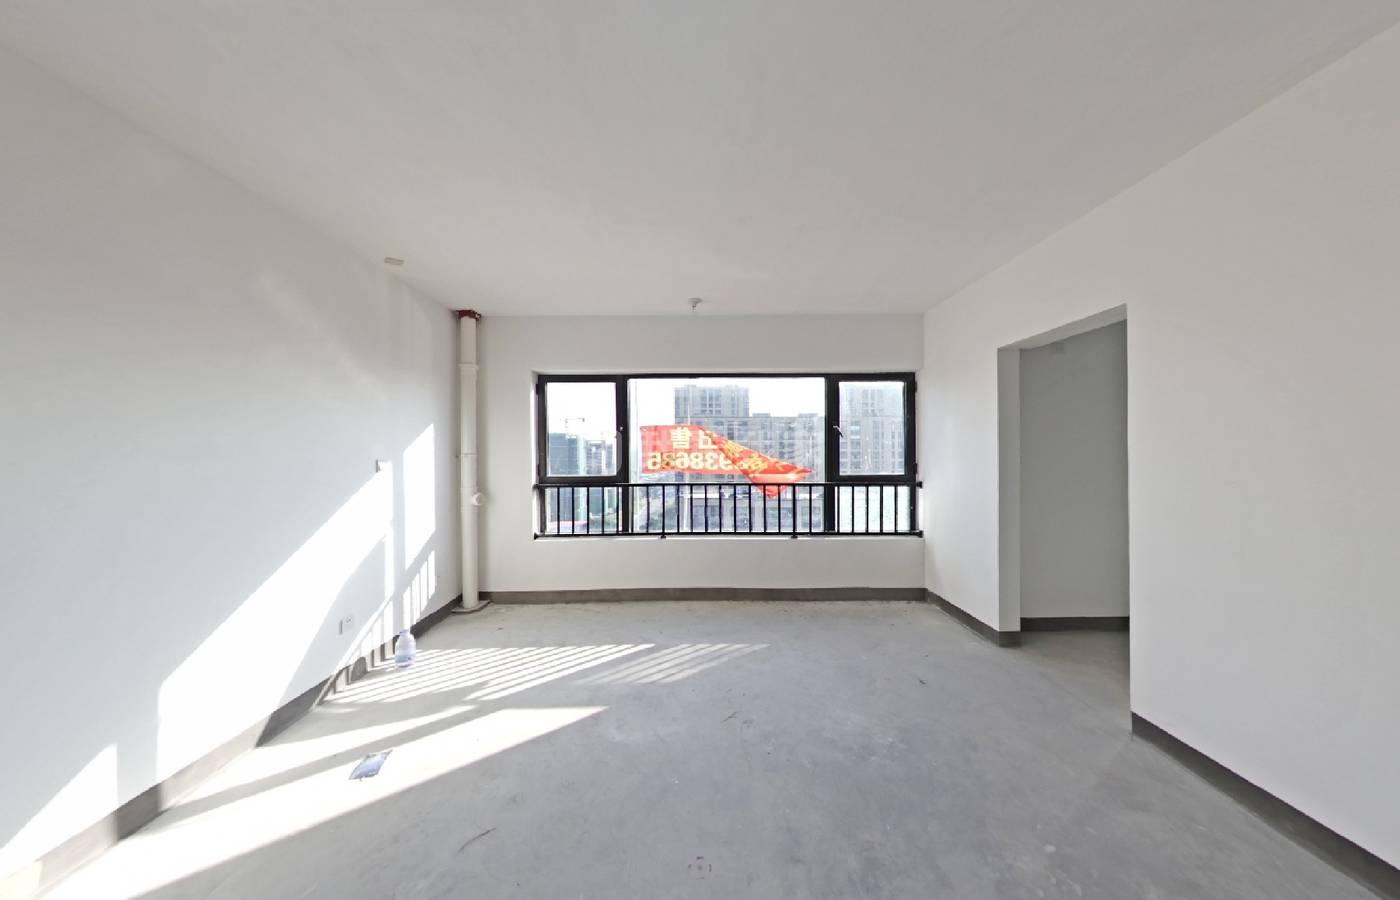 金水路片区 绿城蘭园 3室 2厅